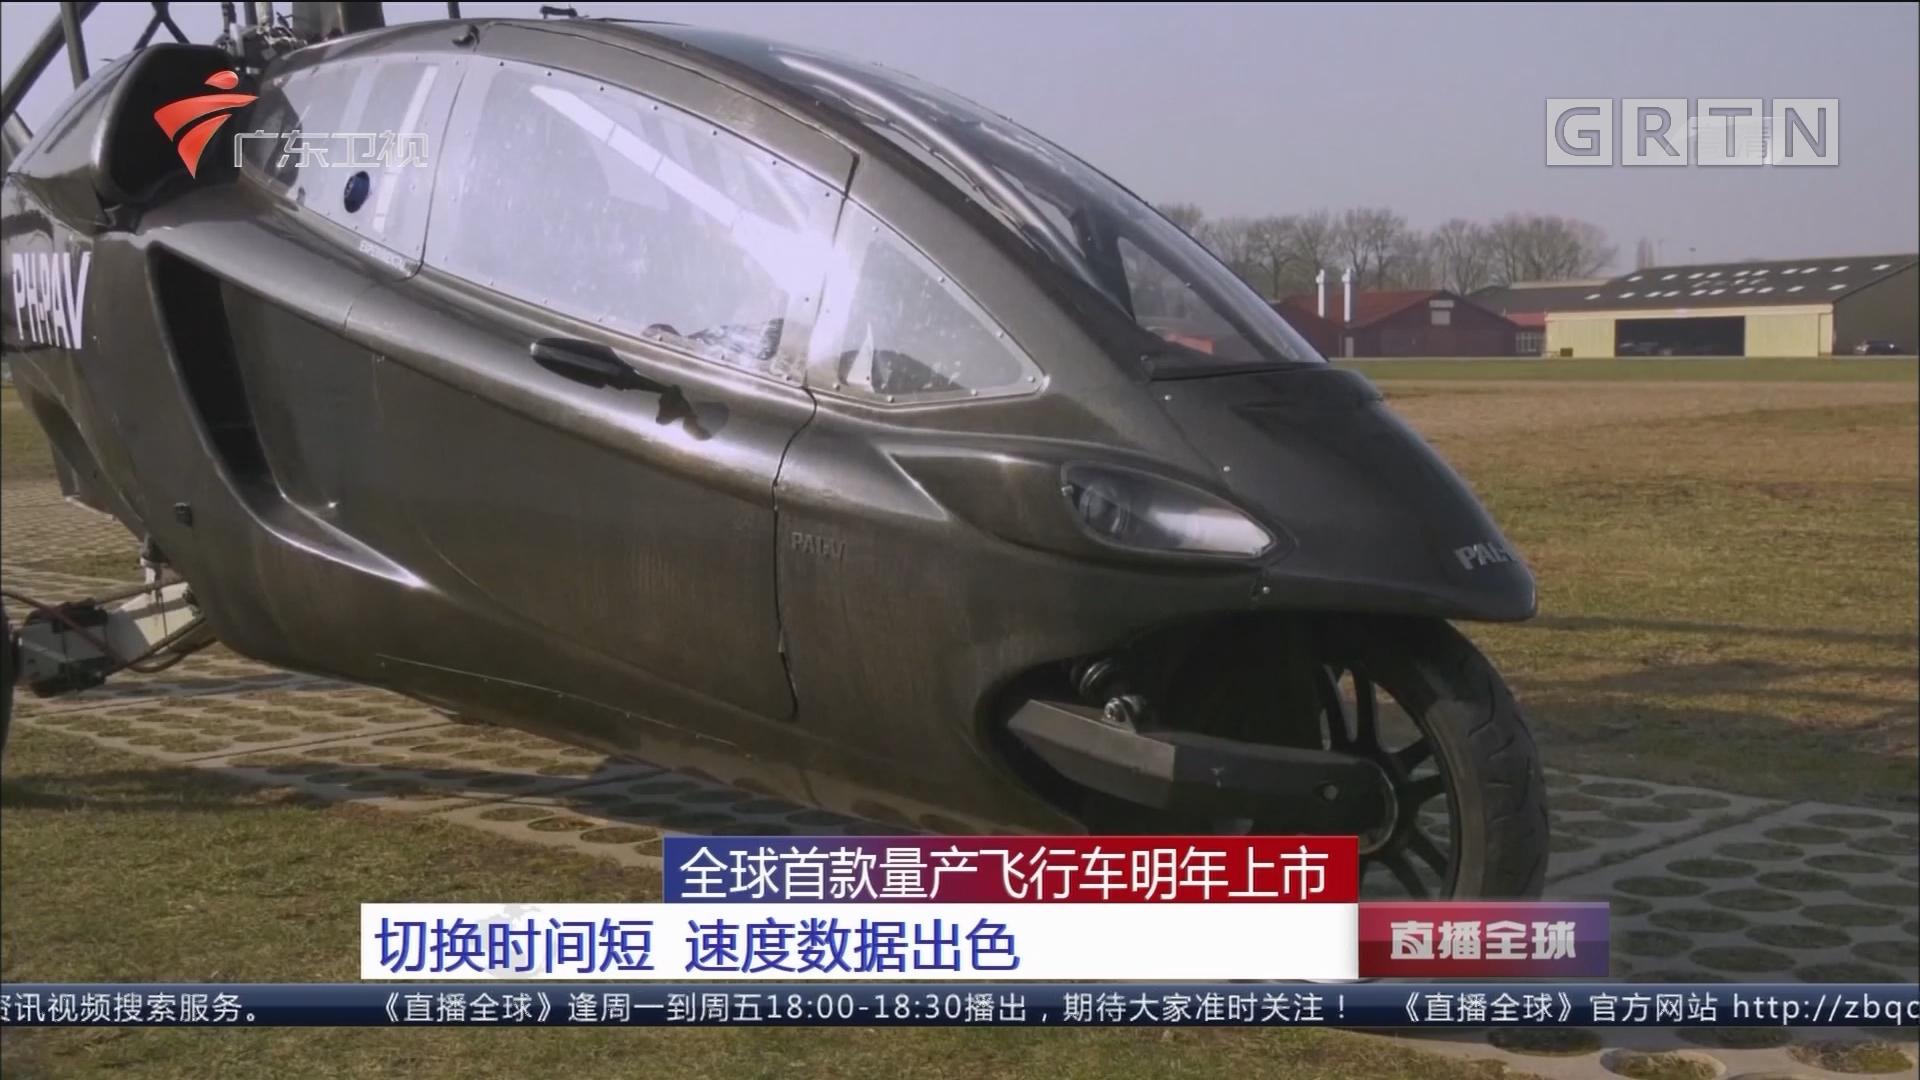 全球首款量产飞行车明年上市:切换时间短 速度数据出色